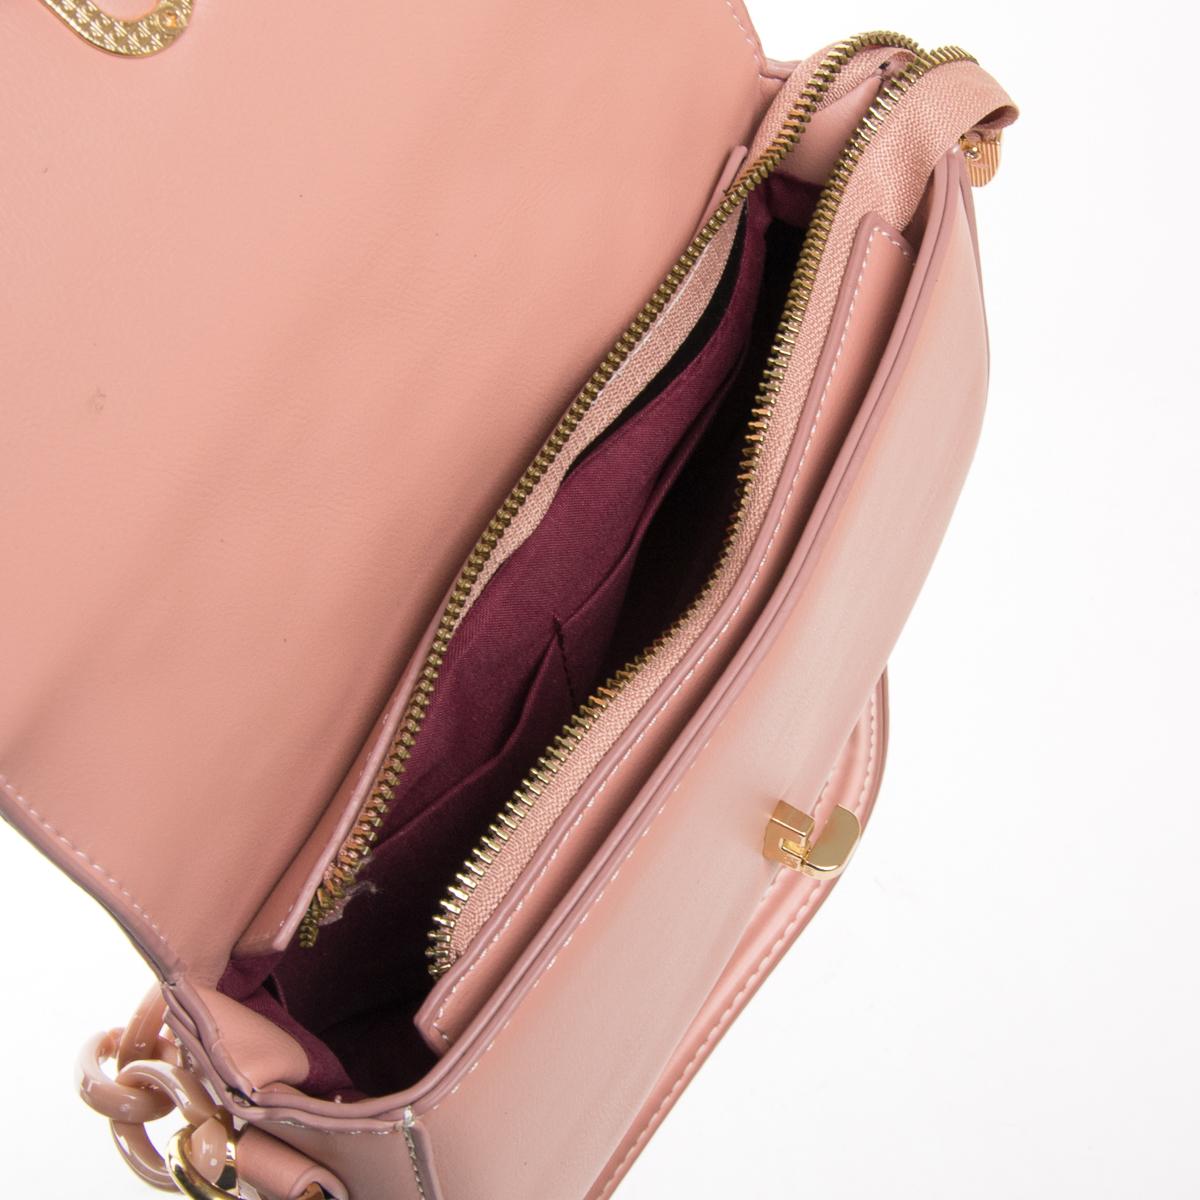 Сумка Женская Классическая иск-кожа FASHION 01-00 8697 pink - фото 5